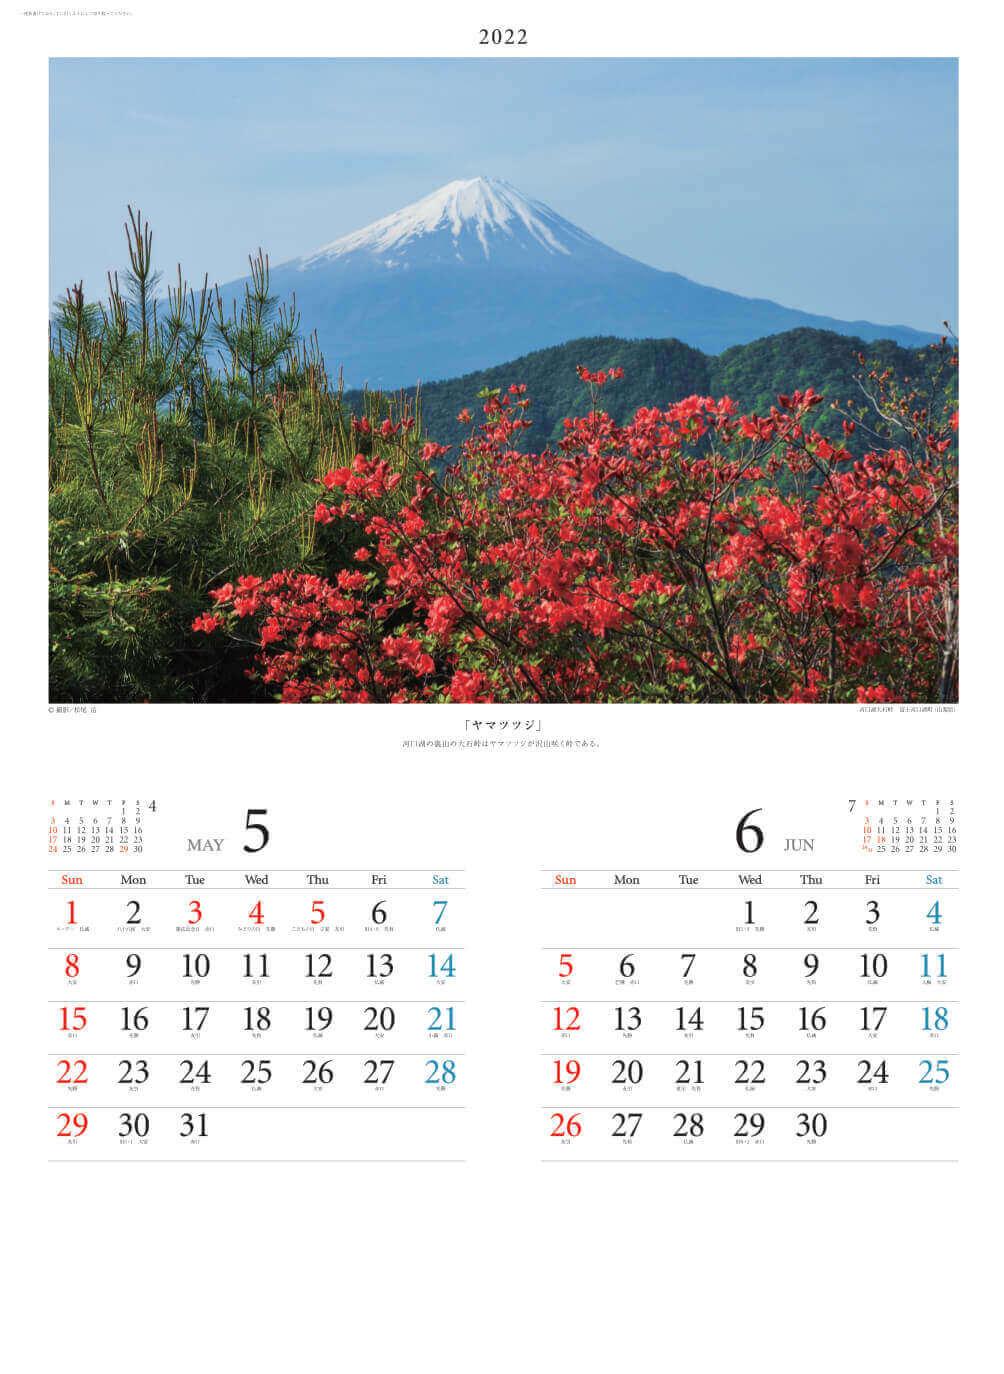 5-6月 河口湖大石峠より(山梨) 富士の四季 2022年カレンダーの画像